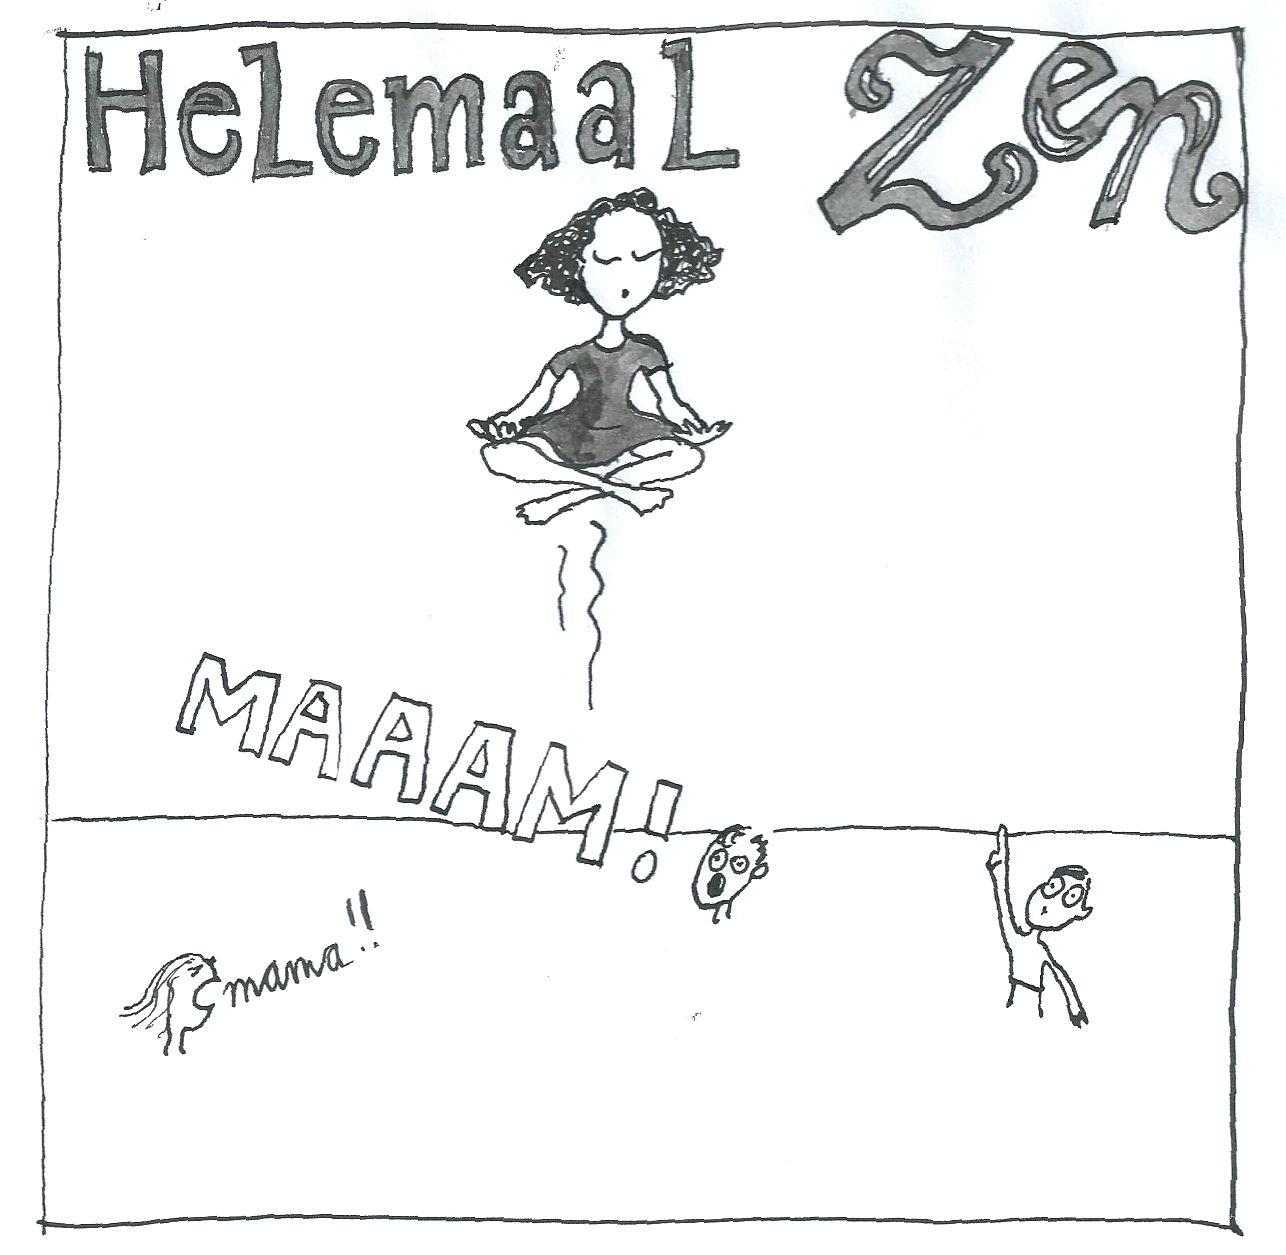 081ZEN_vrouw_strip_tekening_moeder_kind_hartgers